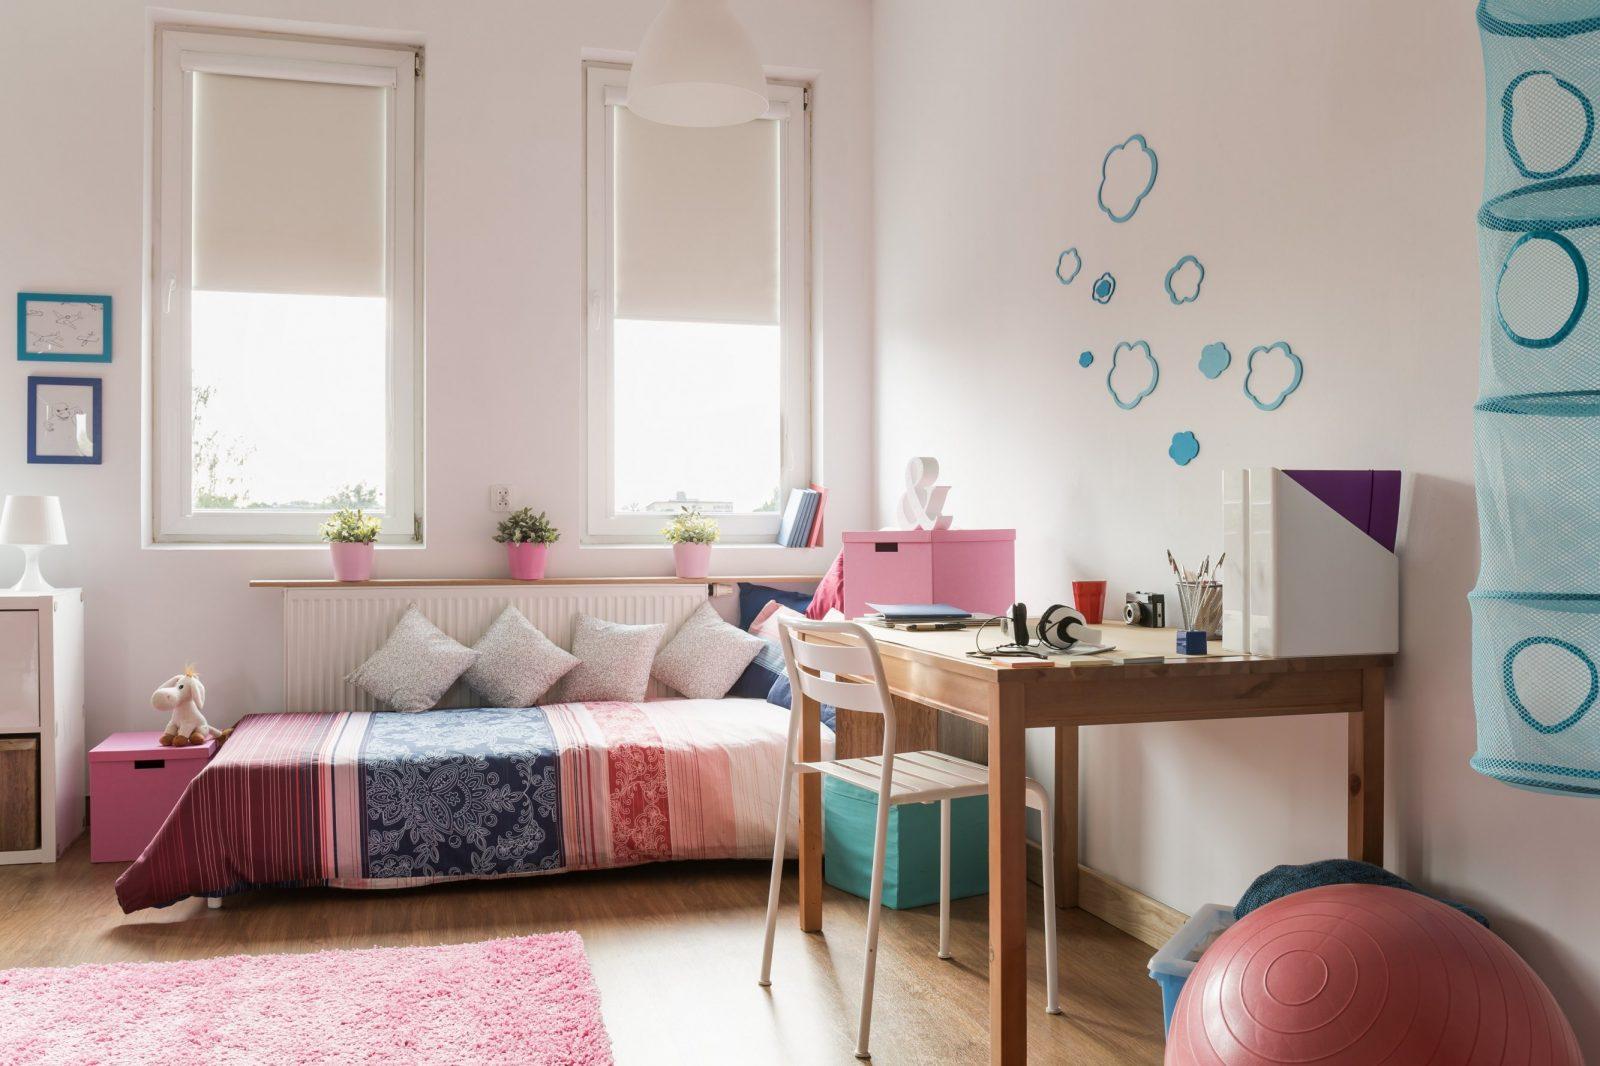 Ideen Für Die Wandgestaltung Im Jugendzimmer Alpina Farbe  Einrichten von Wandgestaltung Kinderzimmer Mit Farbe Bild